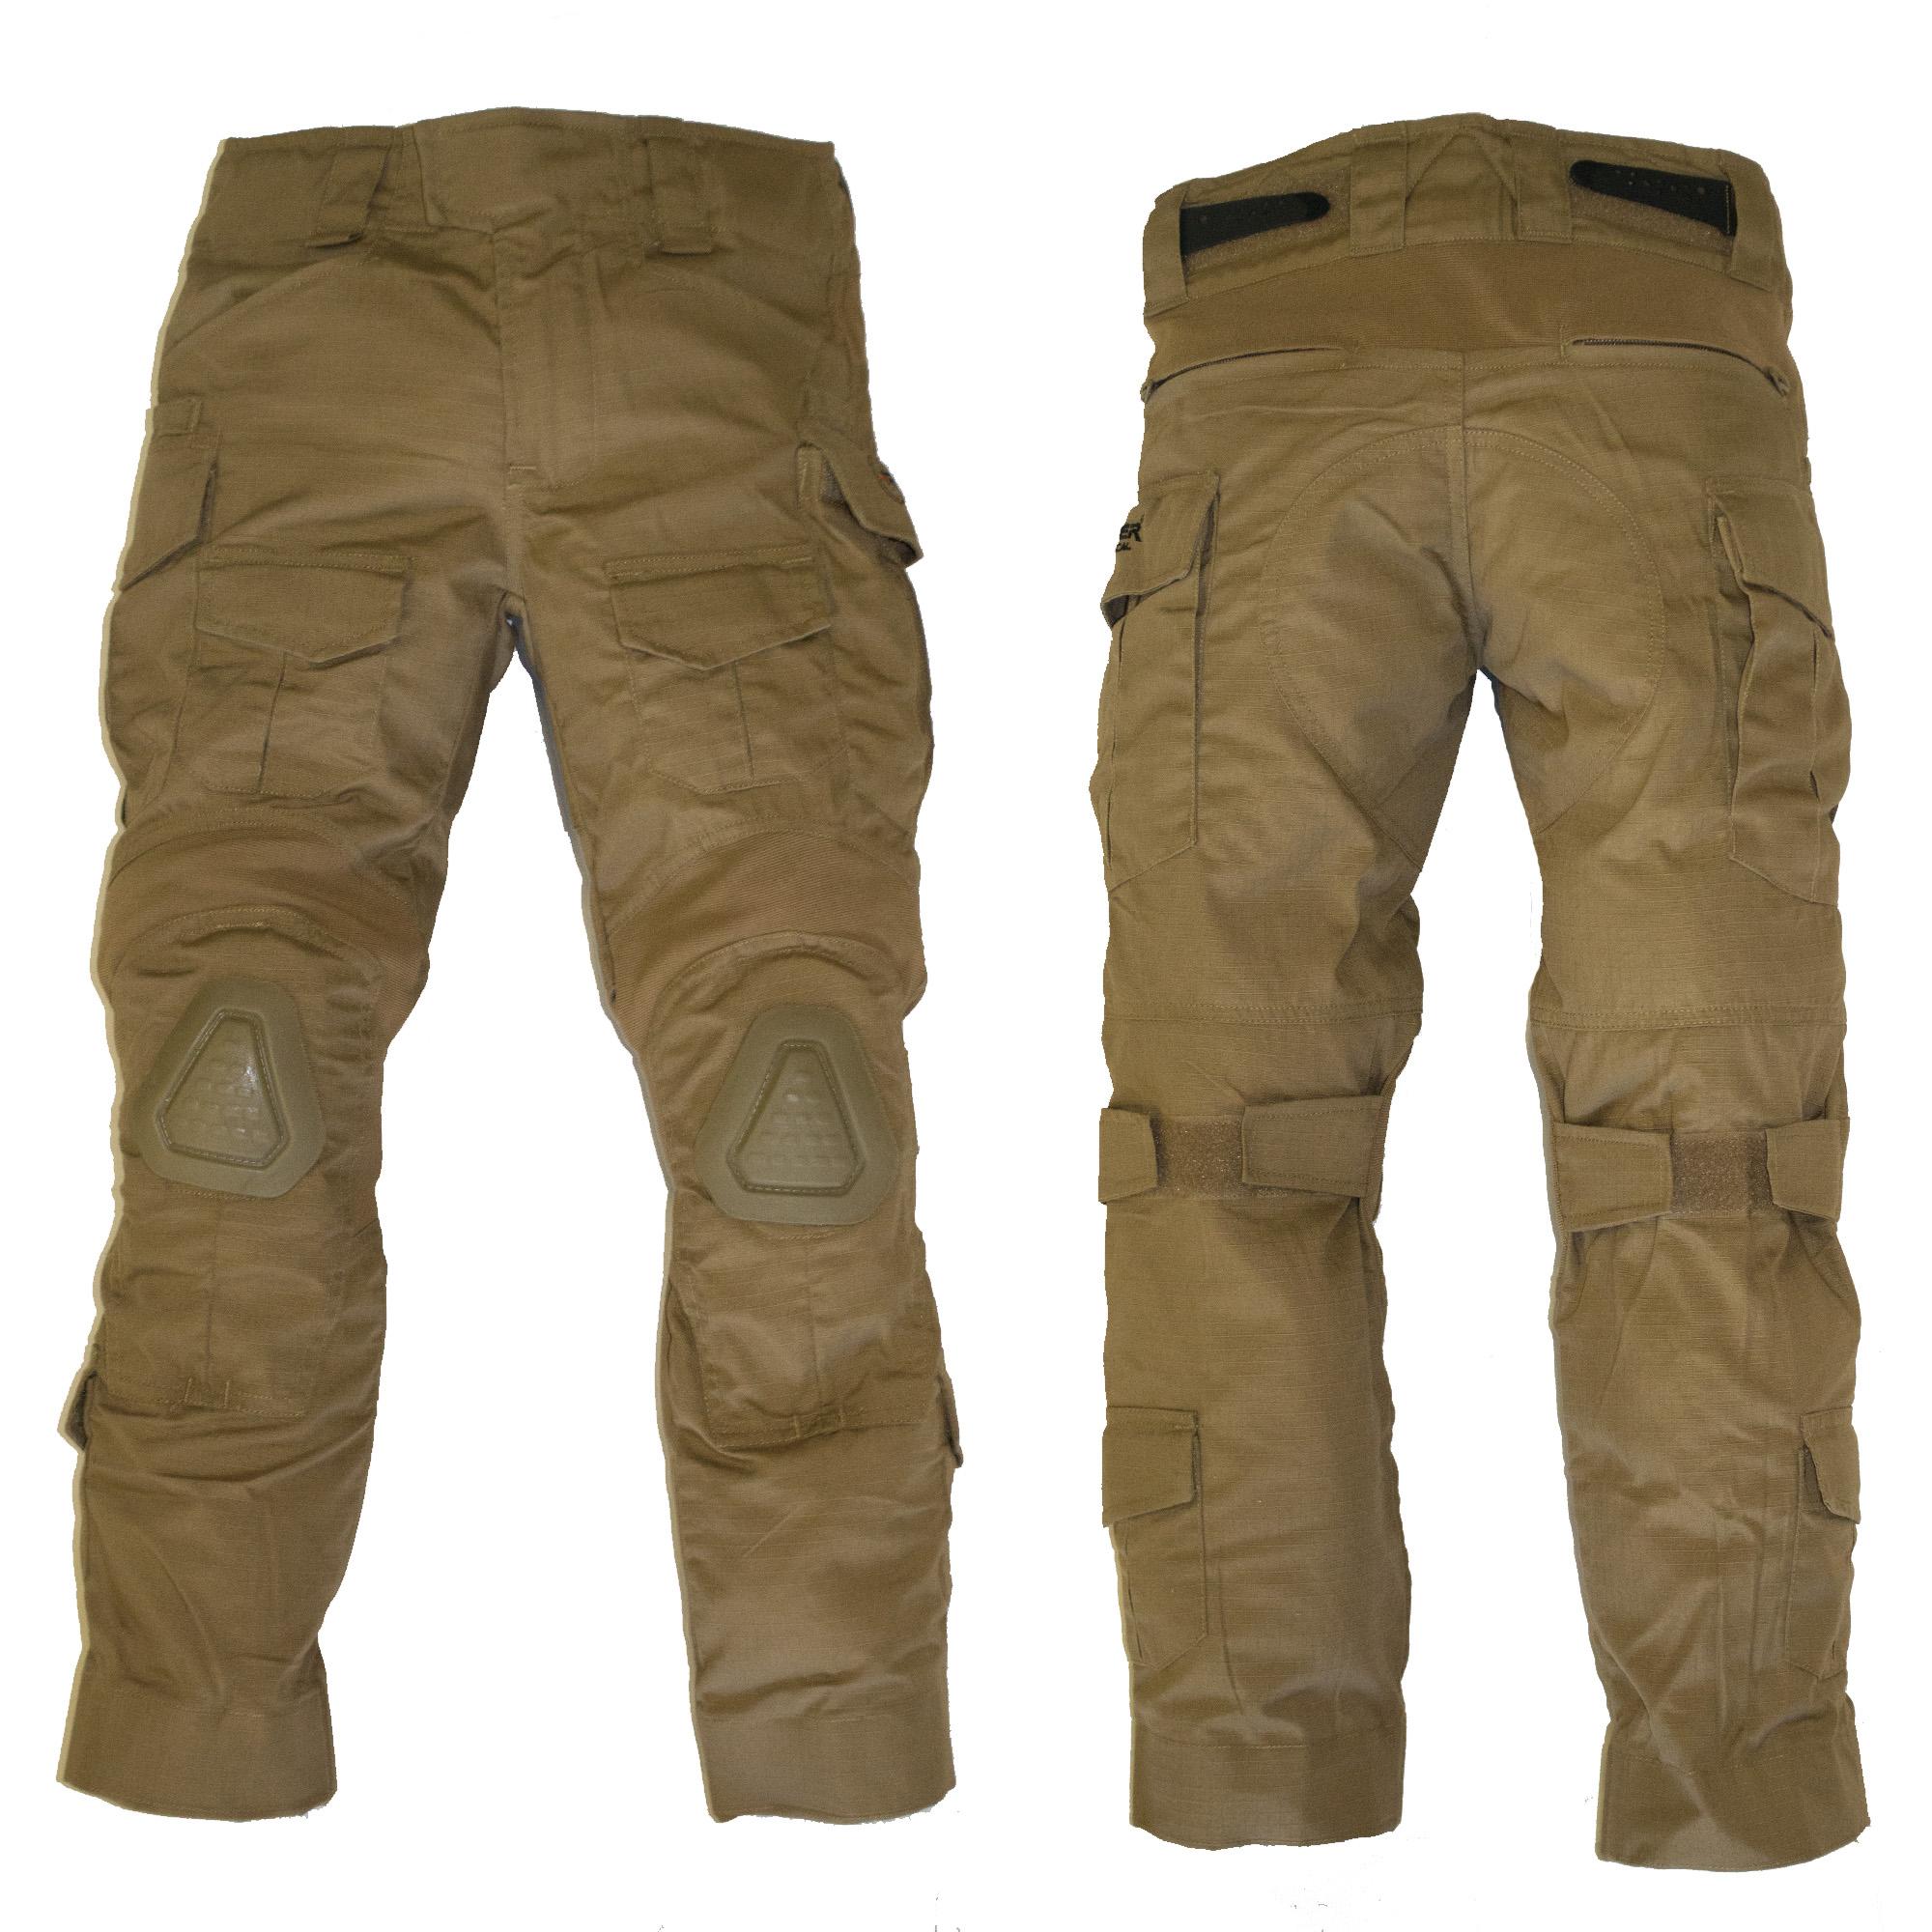 combat pants 9505-overwatch-coyote-combat-pants bkohihp